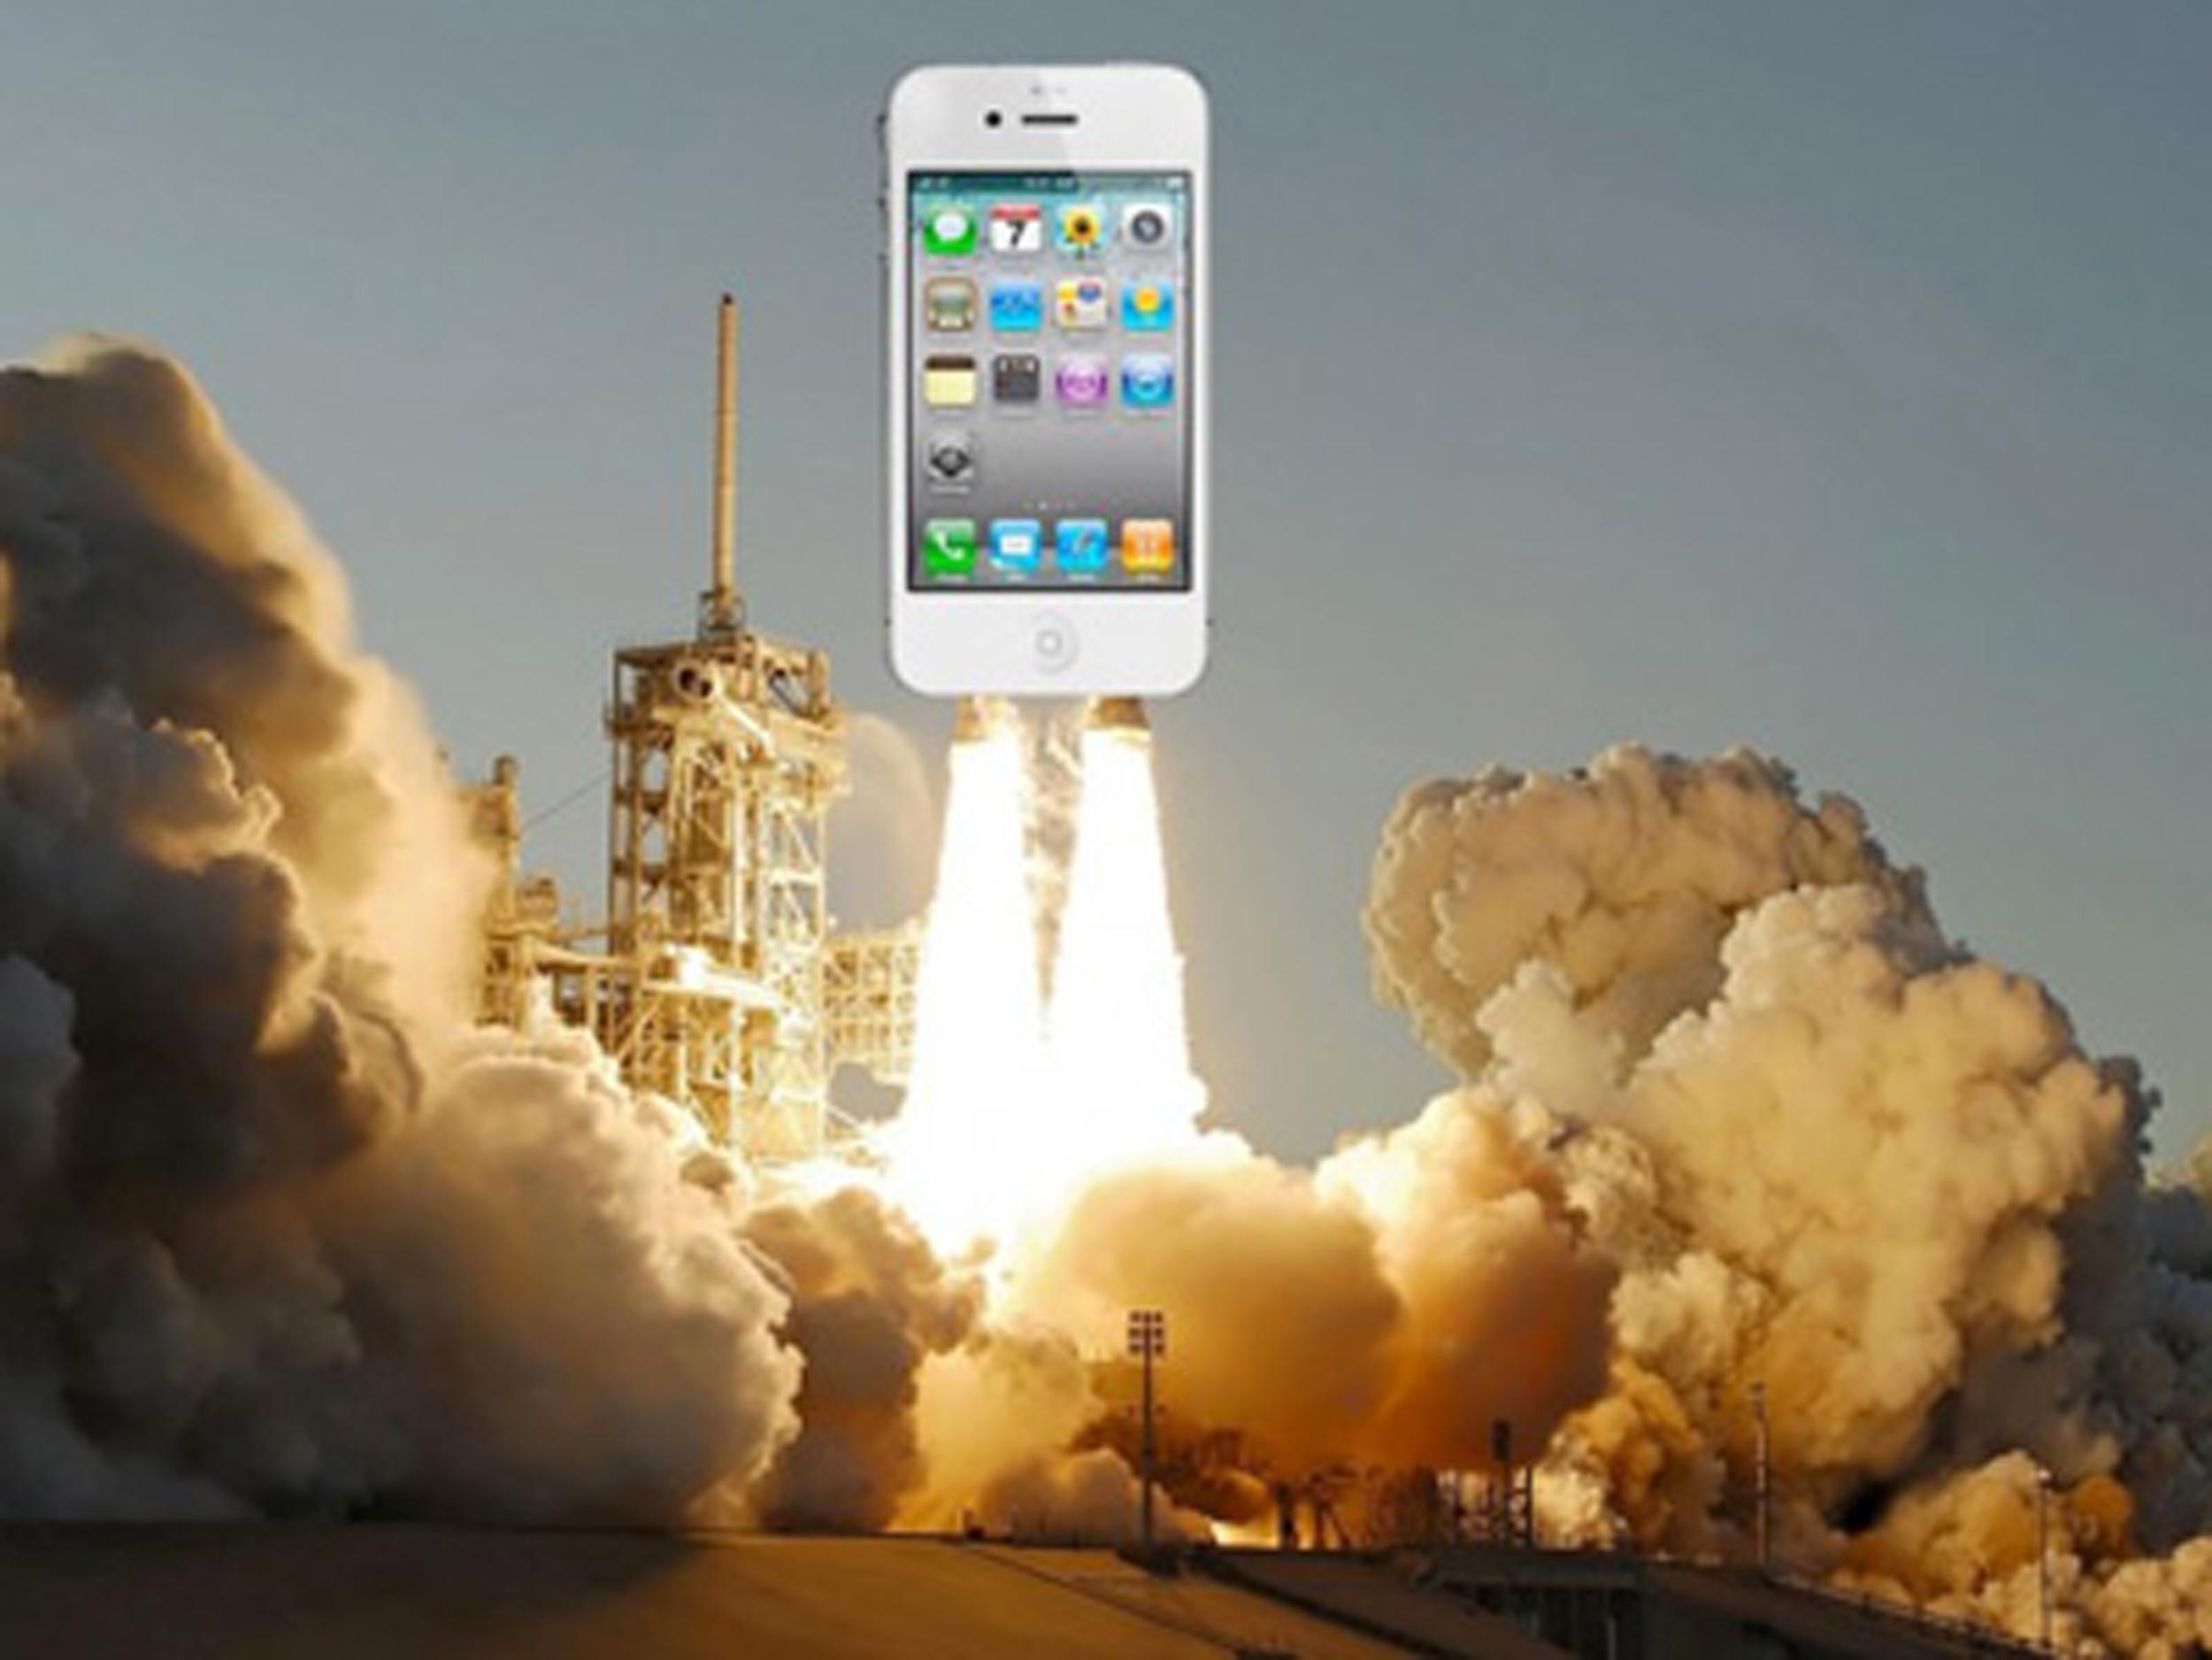 Domani due iPhone 4 verranno lanciati nello spazio per l'ultima missione dello Space Shuttle